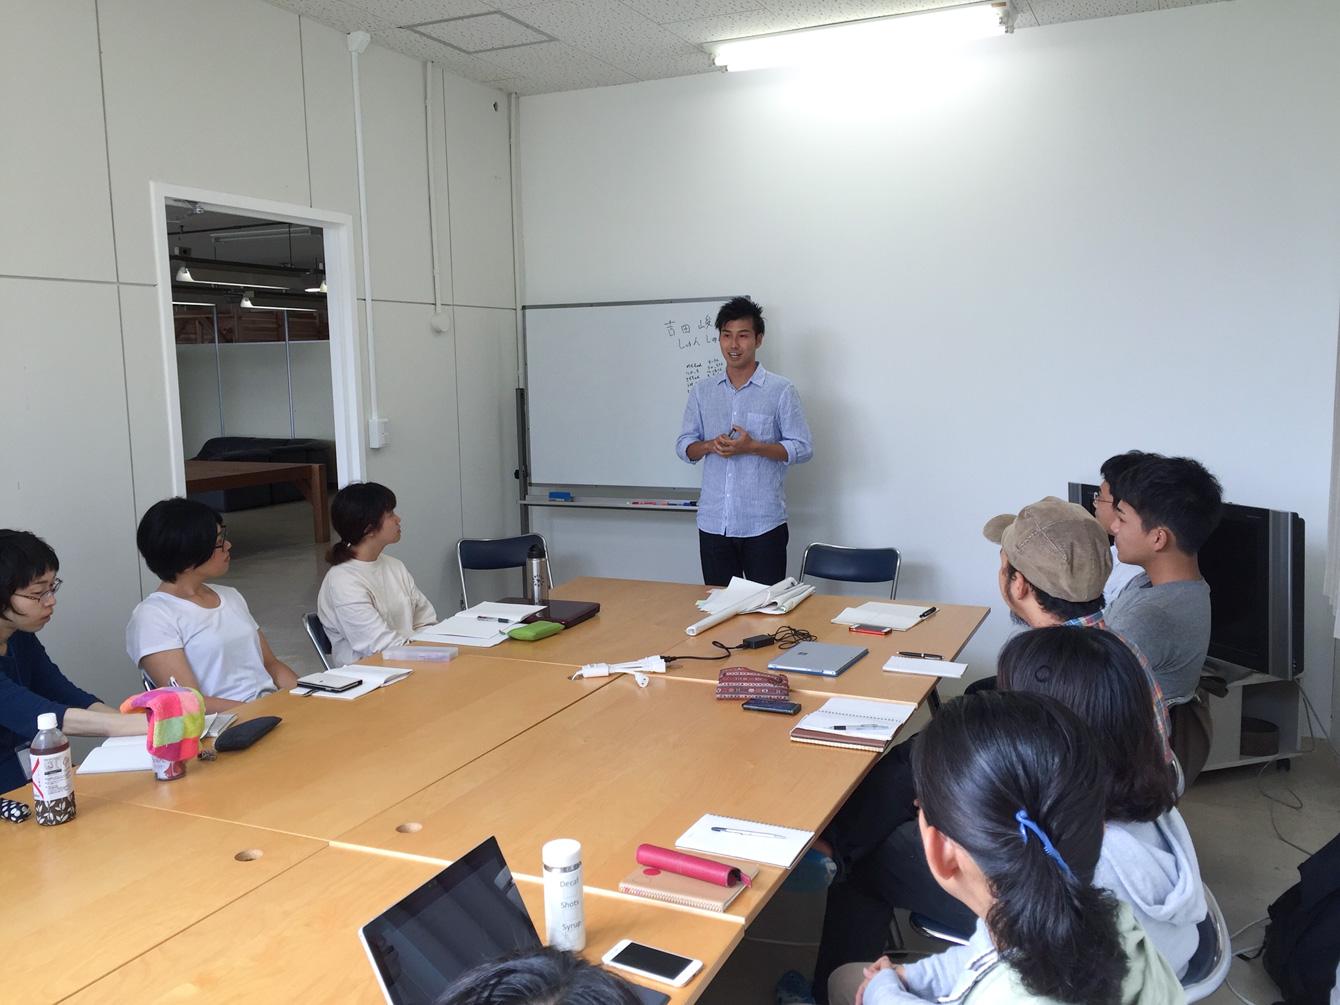 ゲストスピーカーとして、塾生に自身の活動を話す吉田さん。